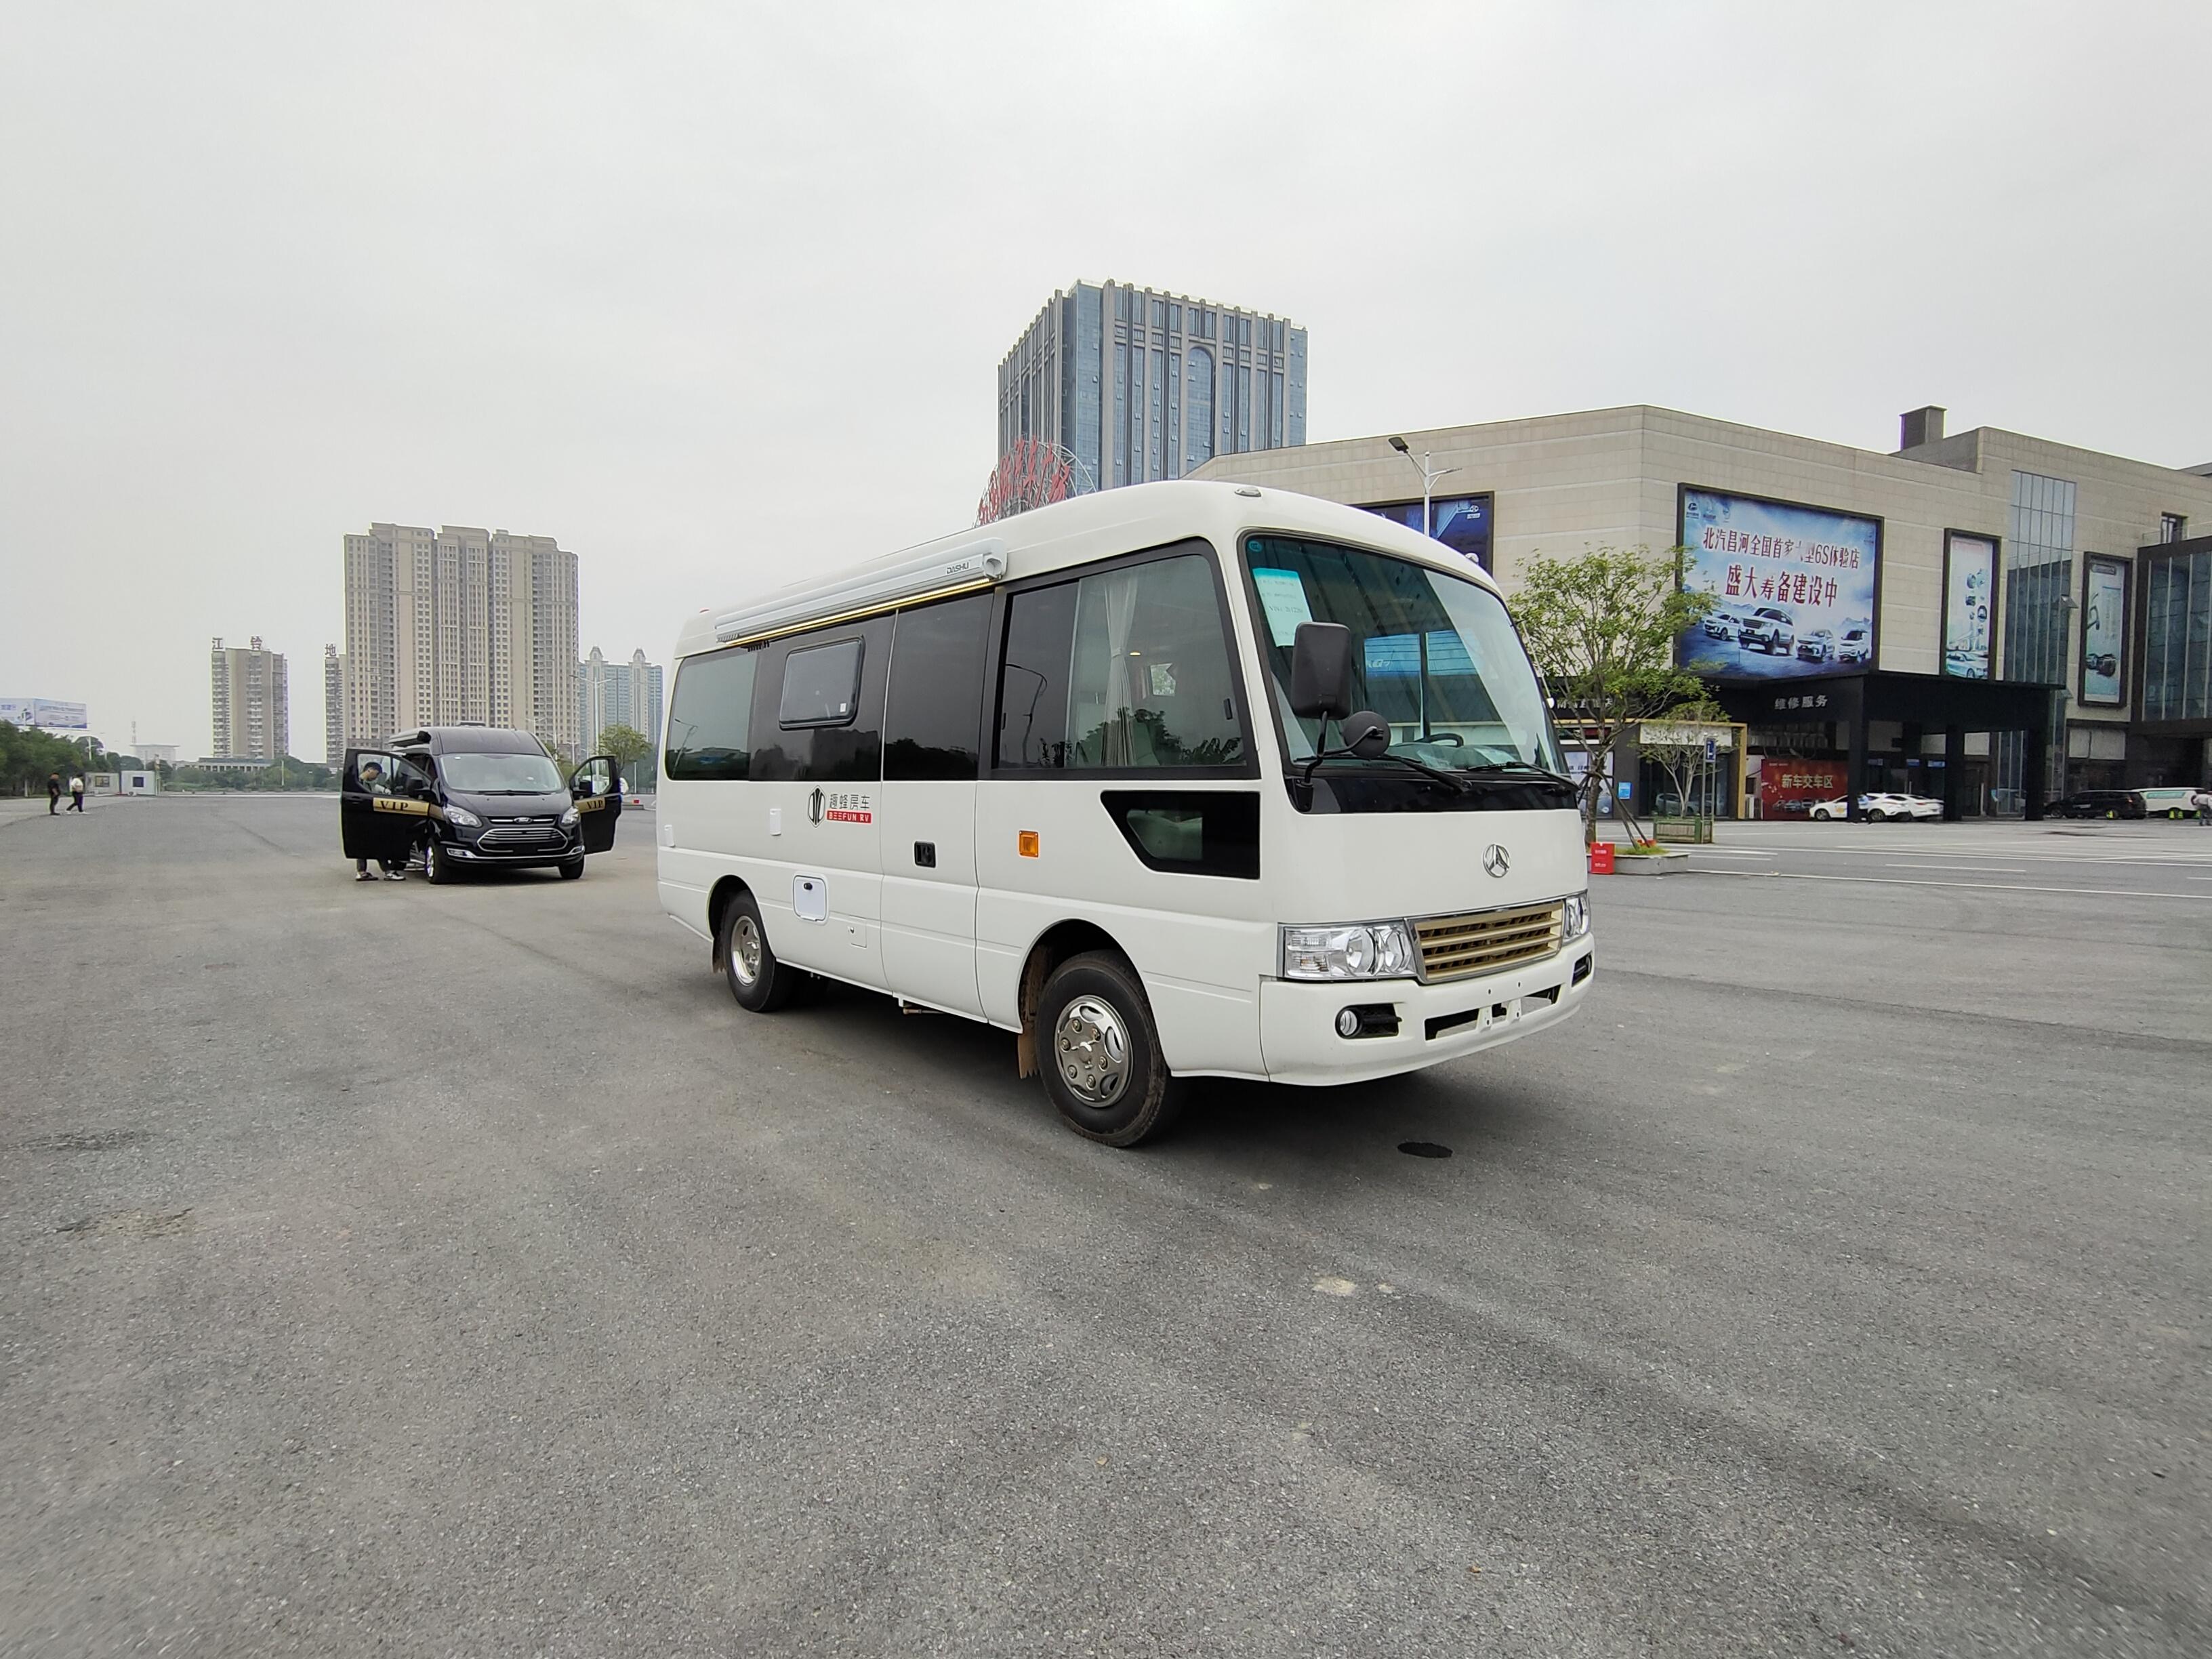 趣蜂江铃罗莎房车,空间最大的B型房车,蓝牌C1驾照就可以驾驶